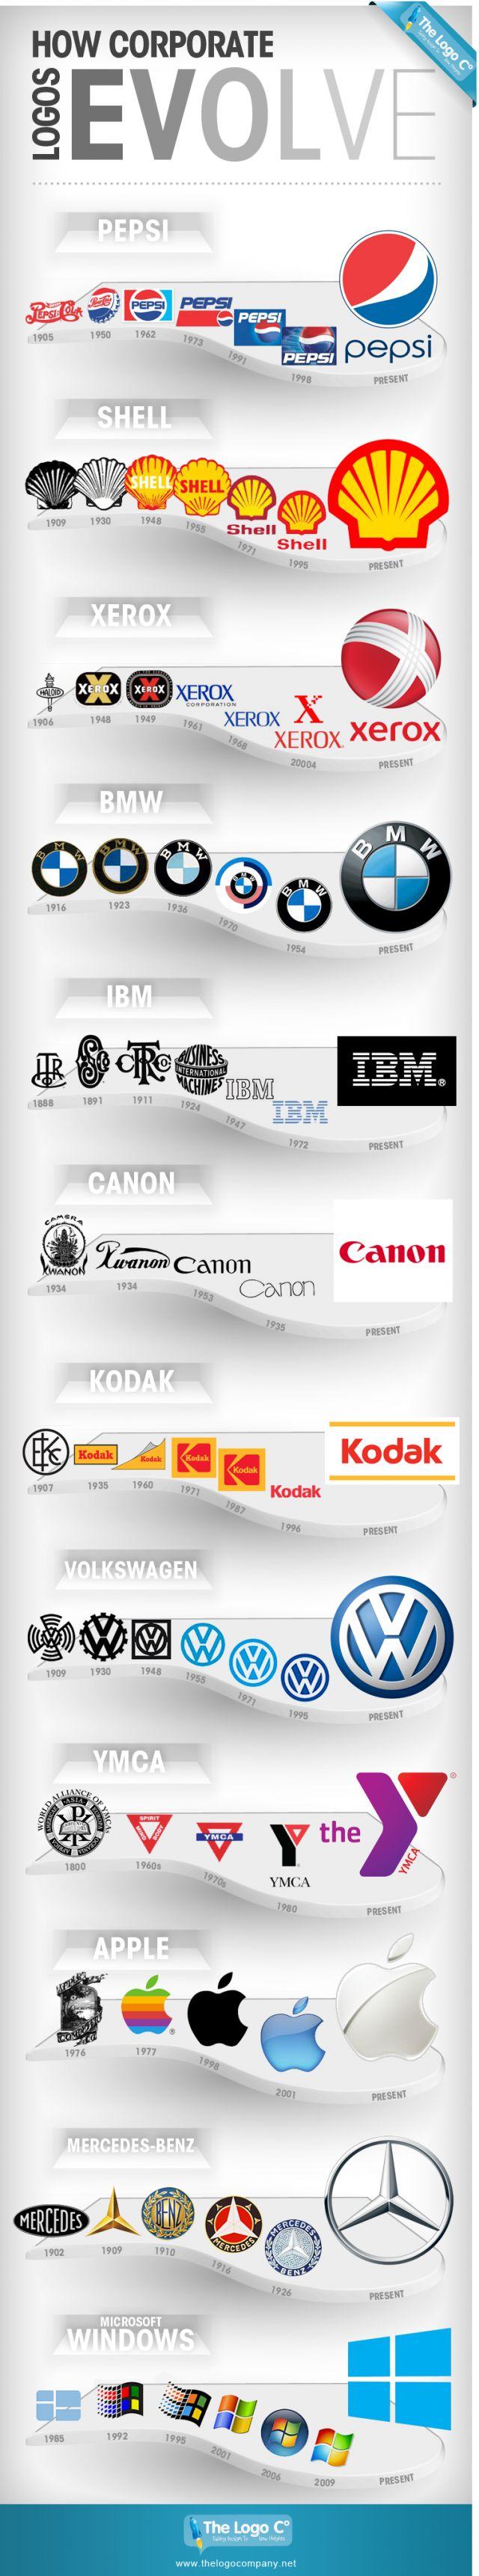 ¿Cómo han cambiado en el tiempo los logos de las marcas más famosas?